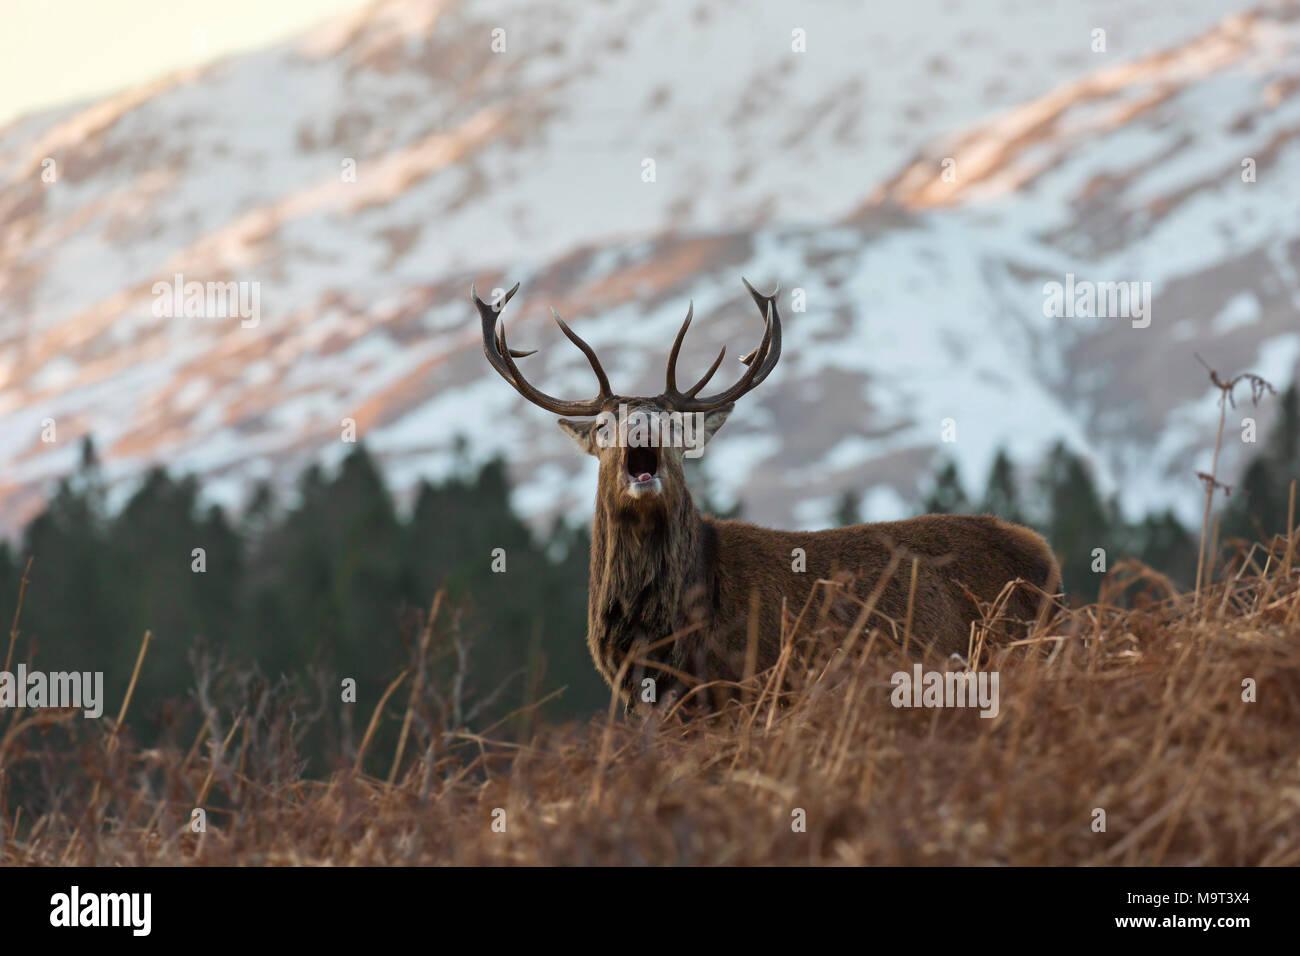 El ciervo rojo / macho de ciervo colorado (Cervus elaphus) berrea en las montañas en el invierno en las Tierras Altas de Escocia, Scotland, Reino Unido Foto de stock